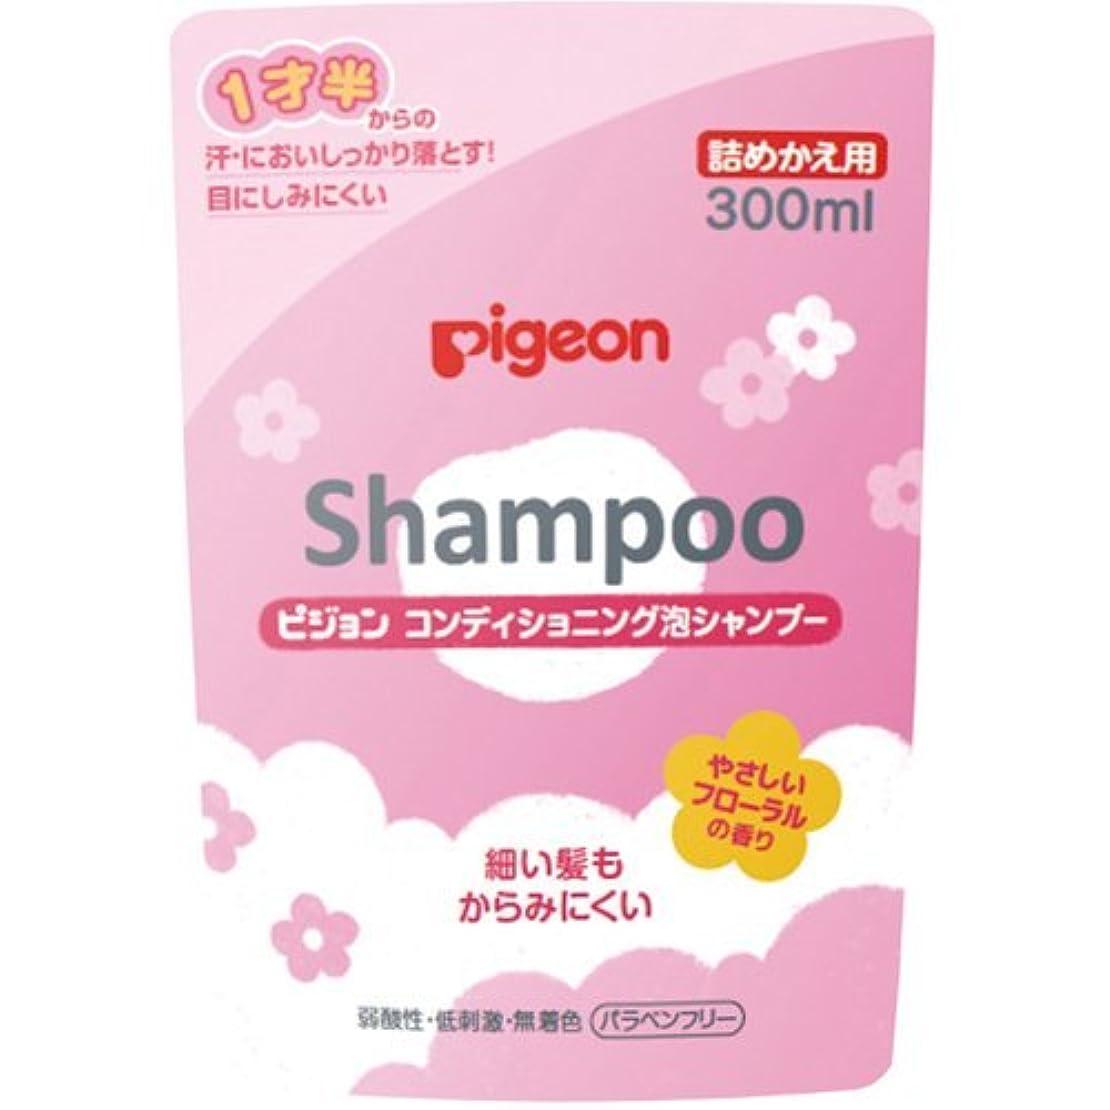 不健康所有者覆すピジョン コンディショニング泡シャンプー やさしいフローラルの香り 詰めかえ用 300ml